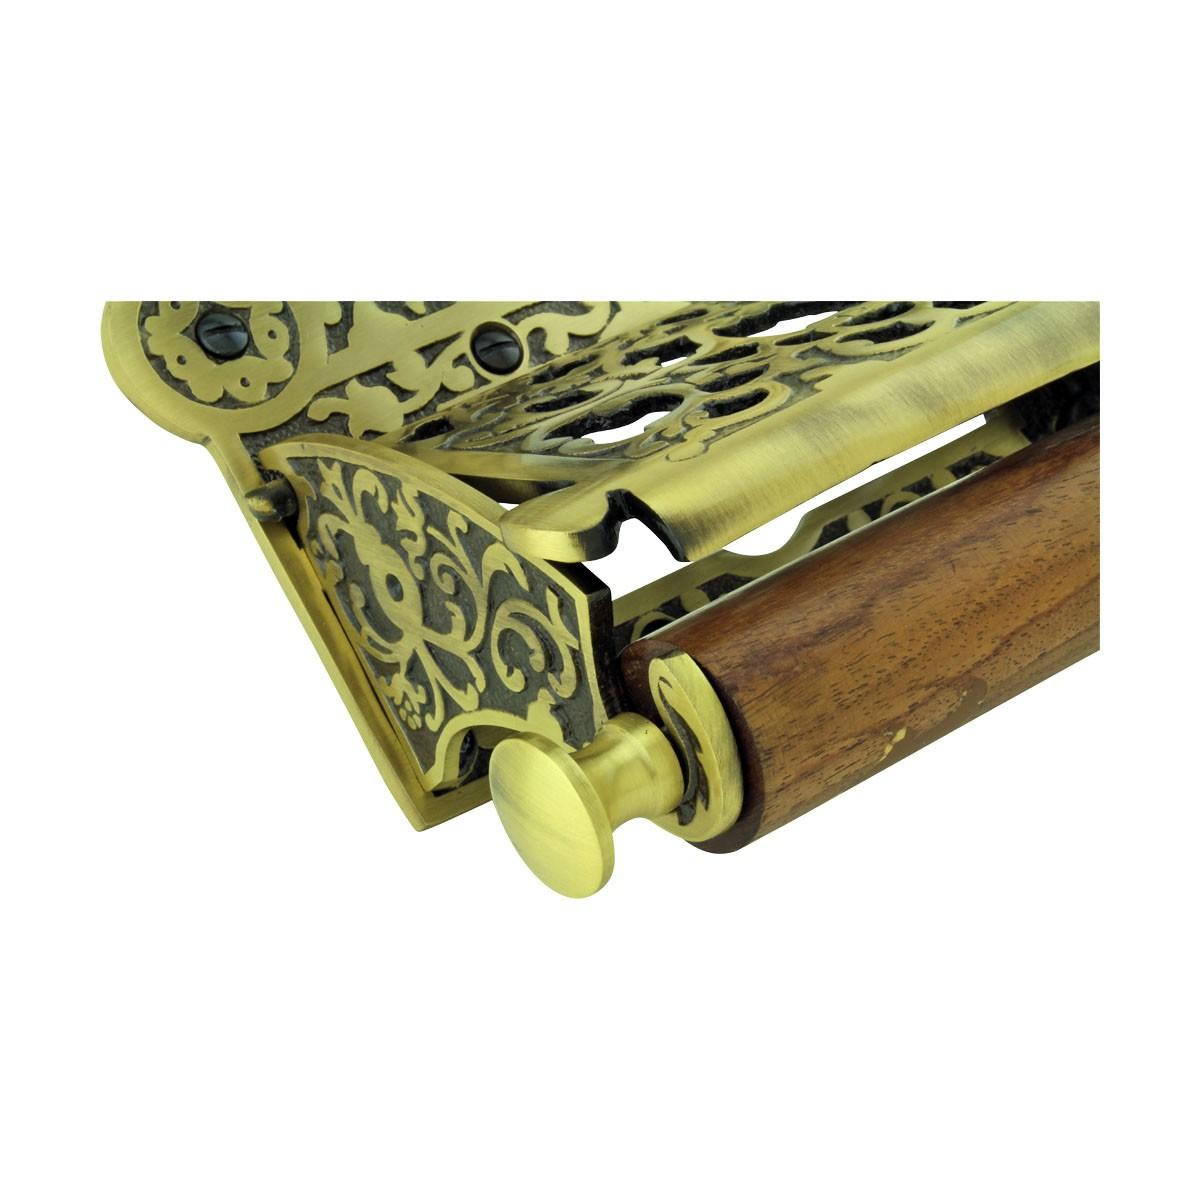 Antique Toilet Paper Holder Brass Royal Flush Tissue Holder for Bathroom toilet paper holder stand tissue holder for bathroom Toilet Paper Holder